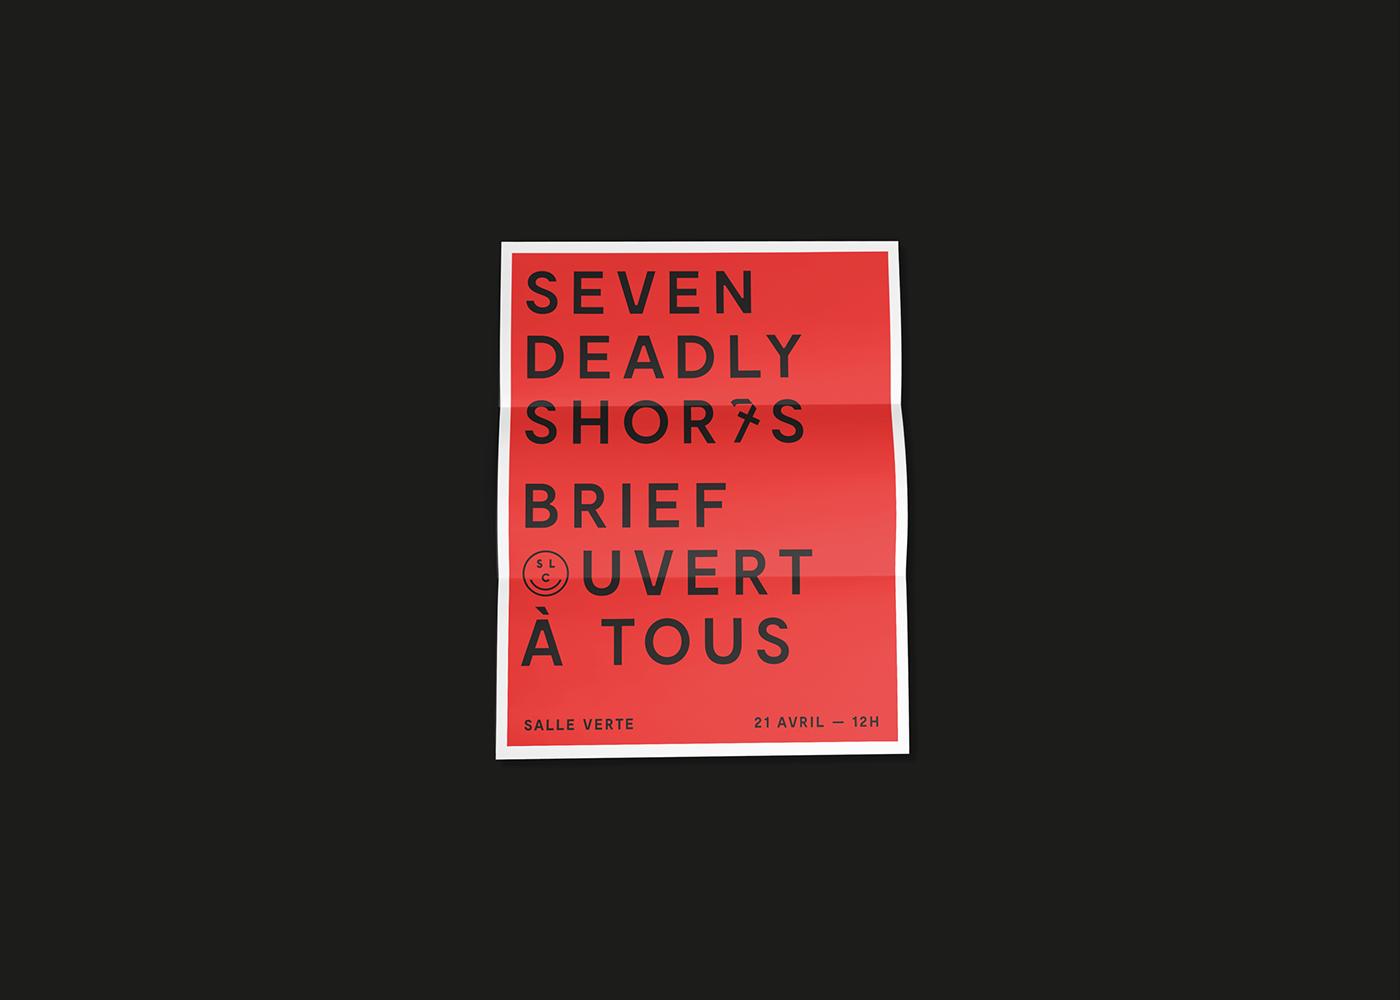 Sept seven deadly shorts Film   sin péchés capitaux red black